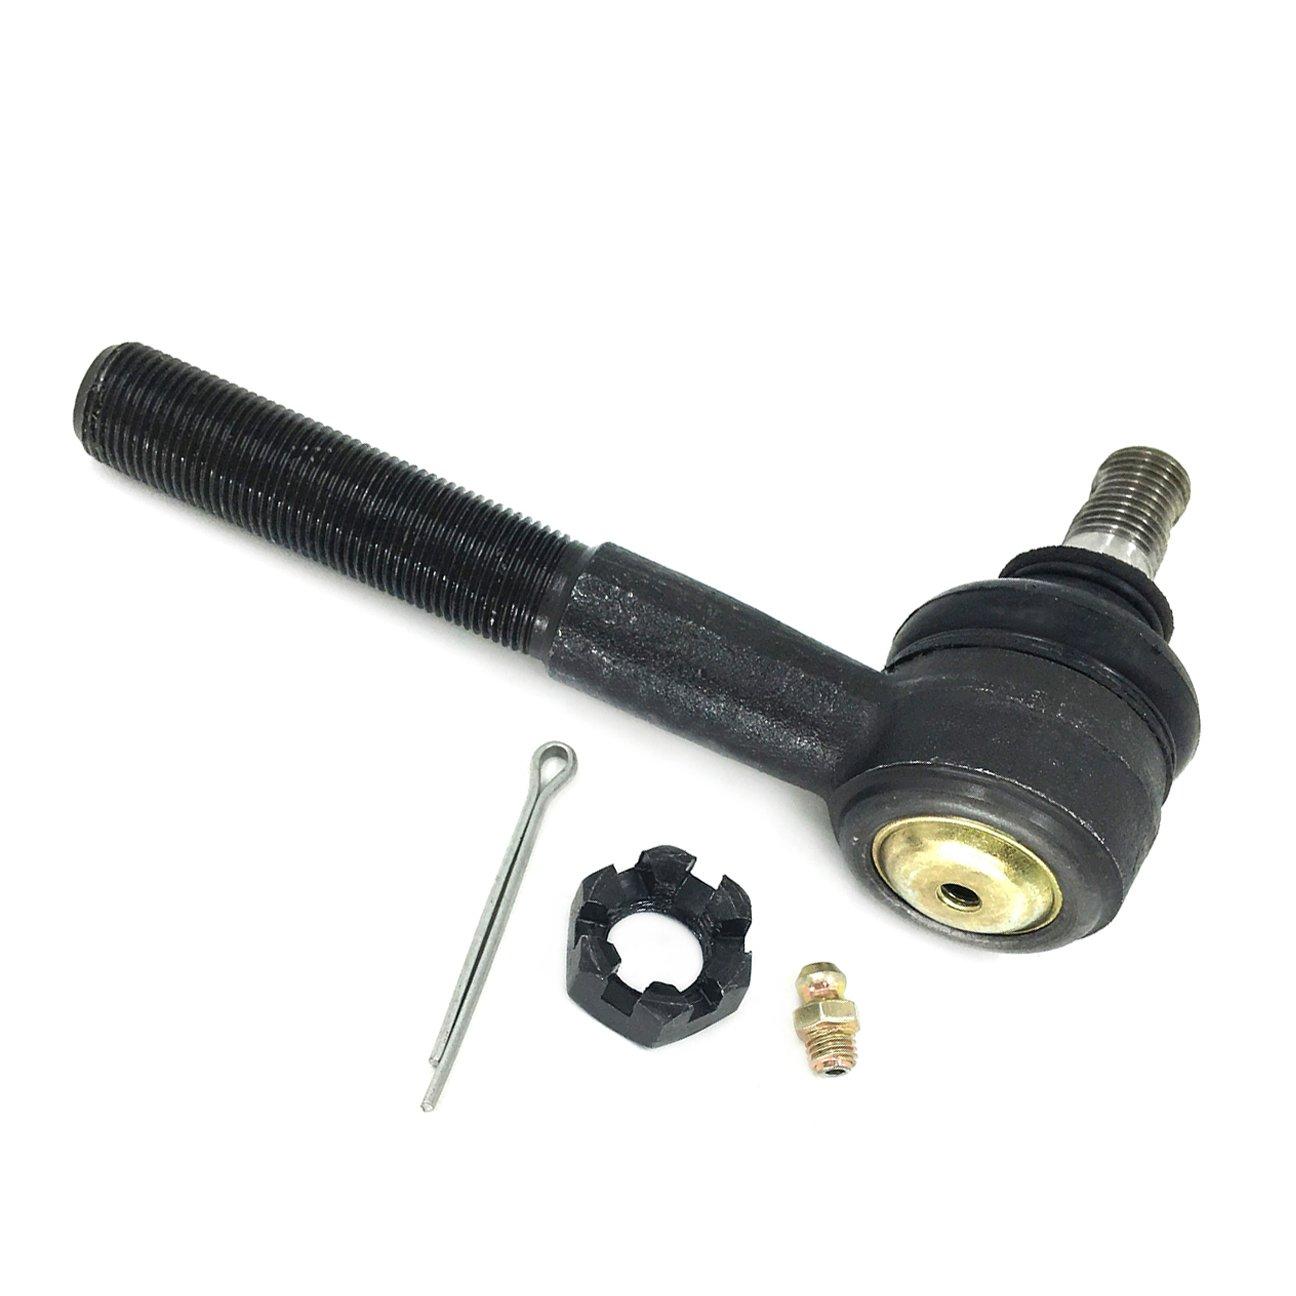 SKP SES2120R Steering Tie Rod End